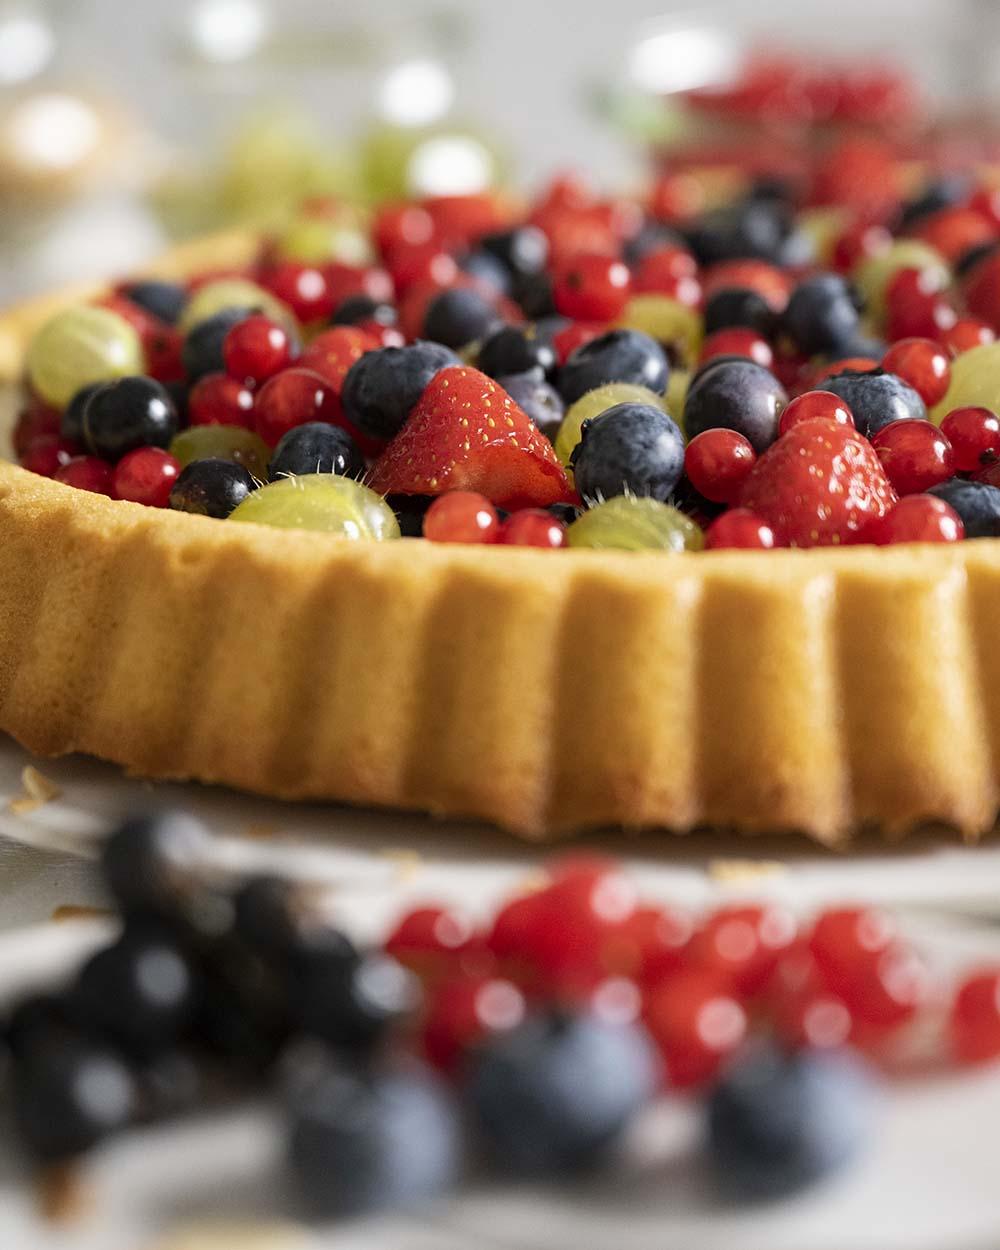 Nahaufnahme unseres Beerenkuchens: zu sehen ist auch, wie schon knusprig der Obstboden geworden ist, auf den wir eine Schicht Frischkäsecreme streichen, um ihn obenauf mit vielen bunten Beeren zu belegen.